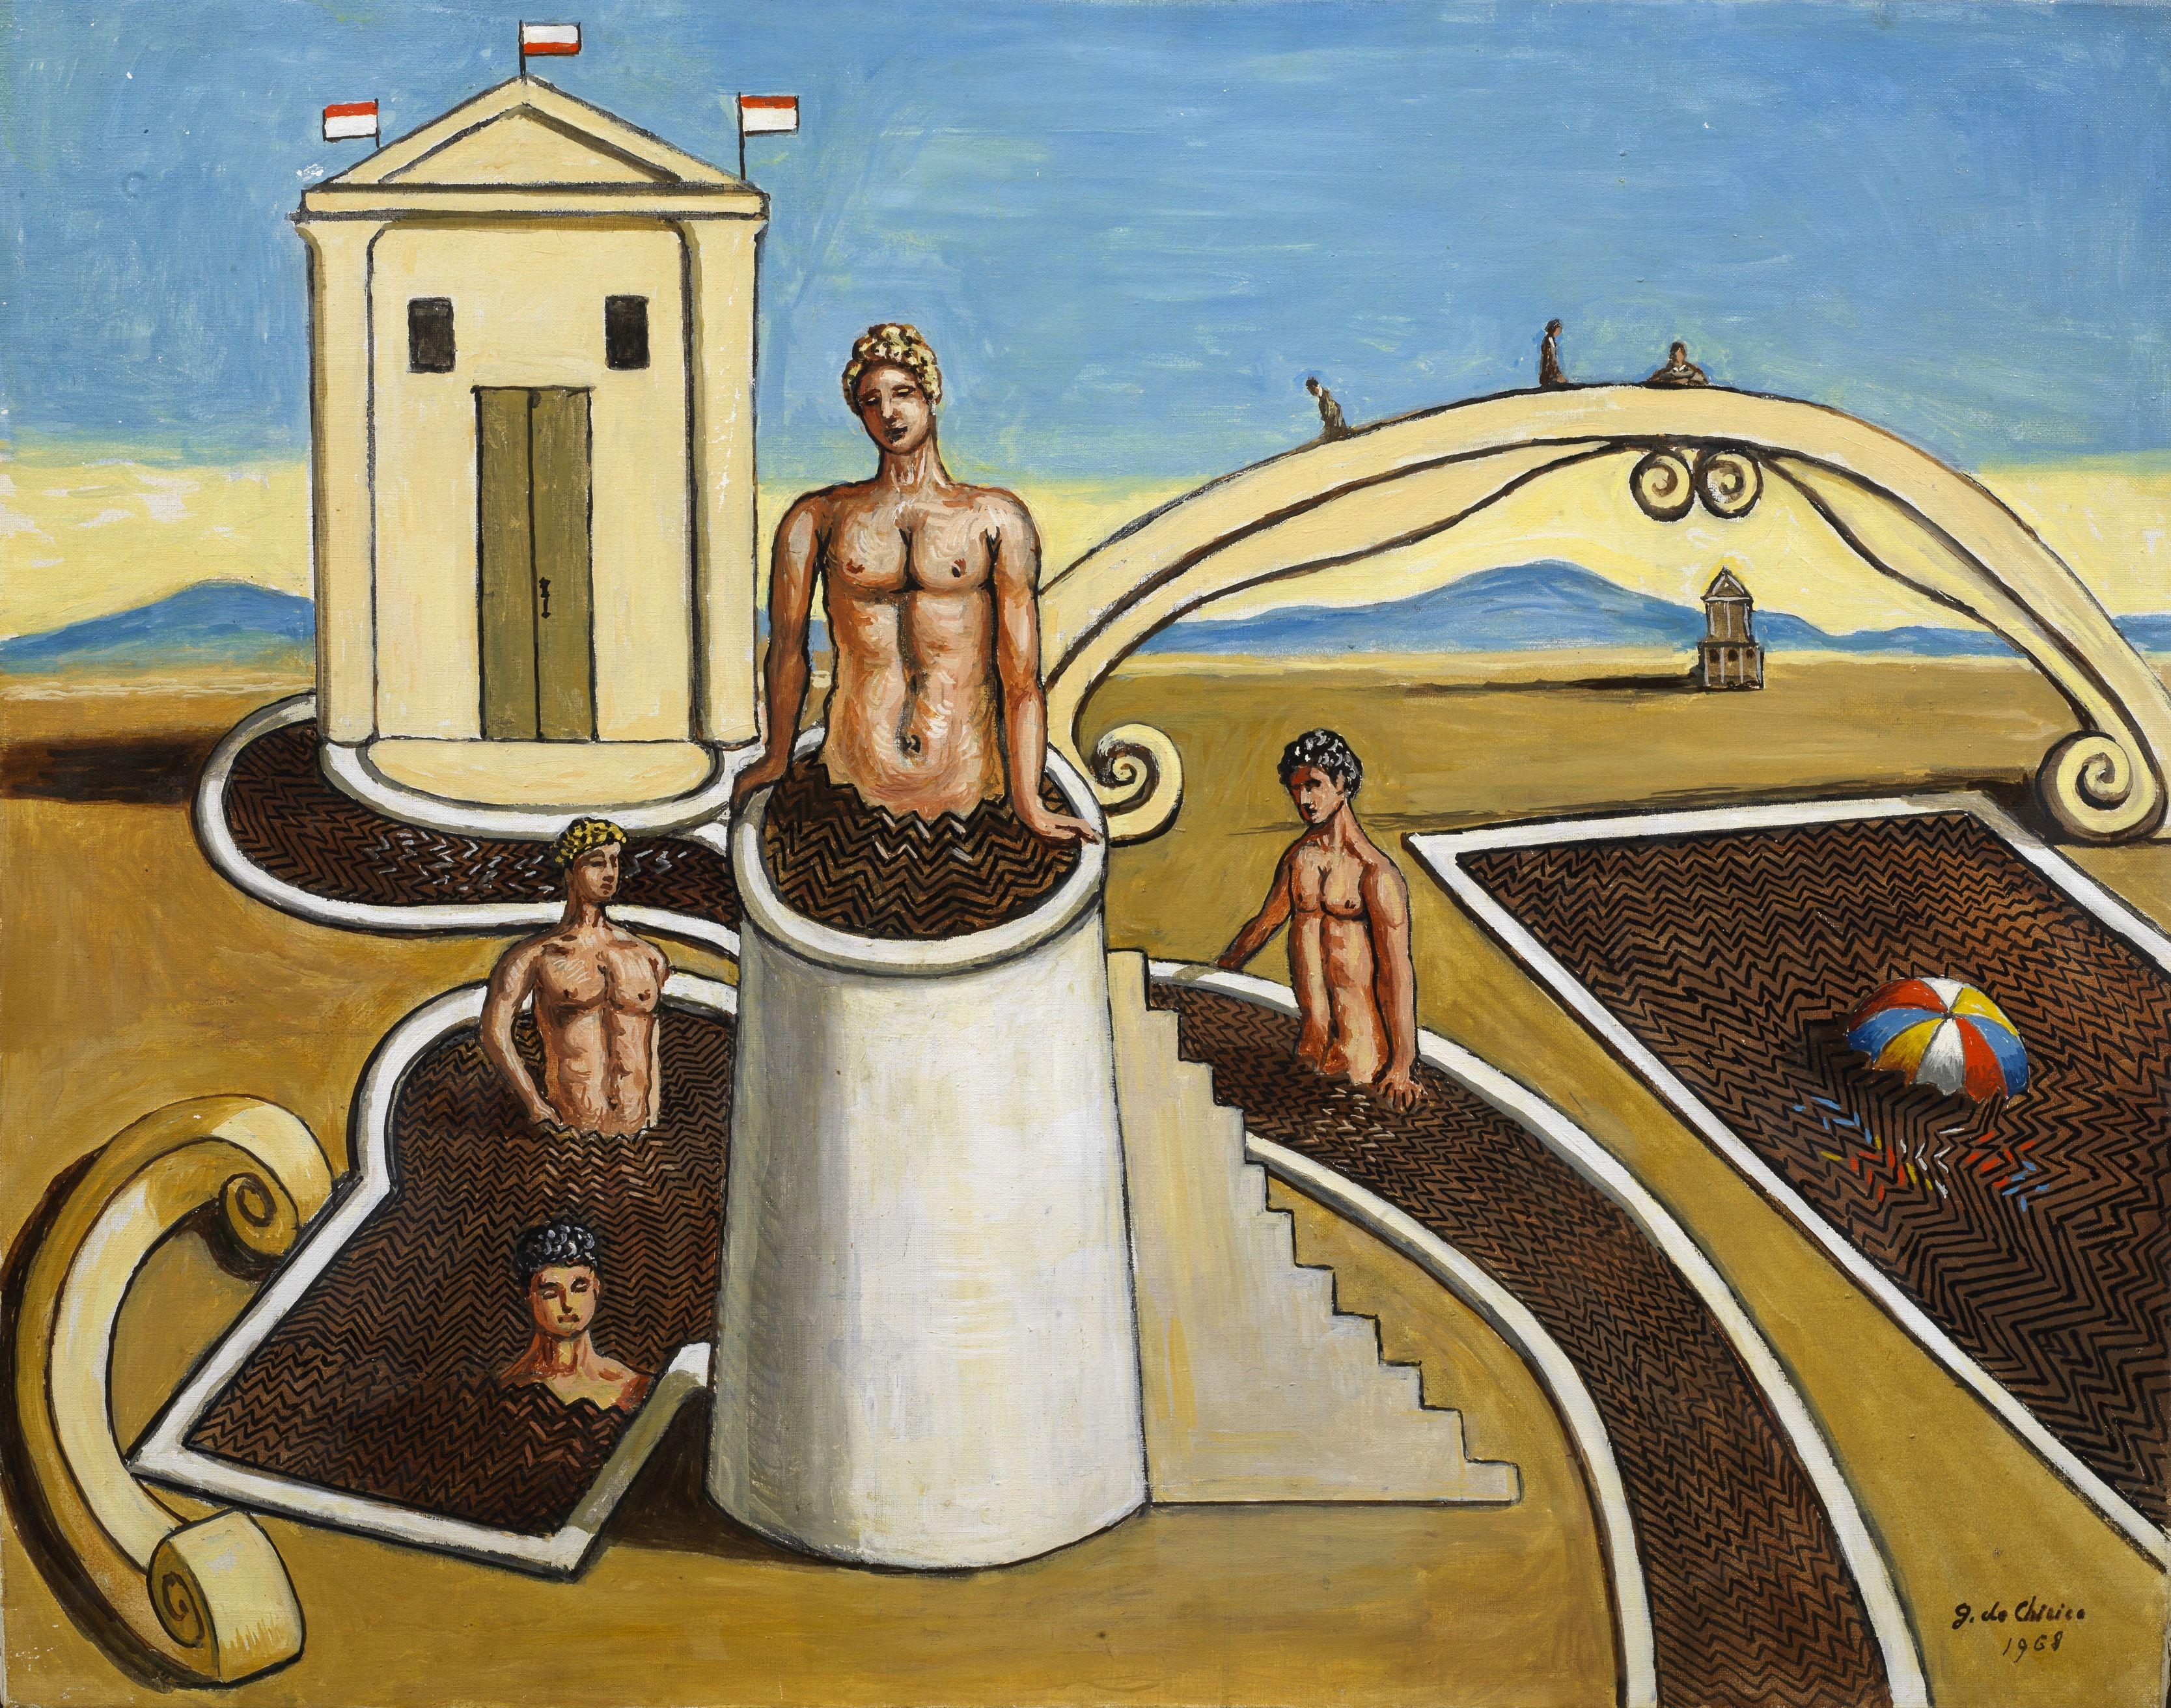 Giorgio de Chirico, Bagni misteriosi, 1968.  Courtesy Tornabuoni Art.